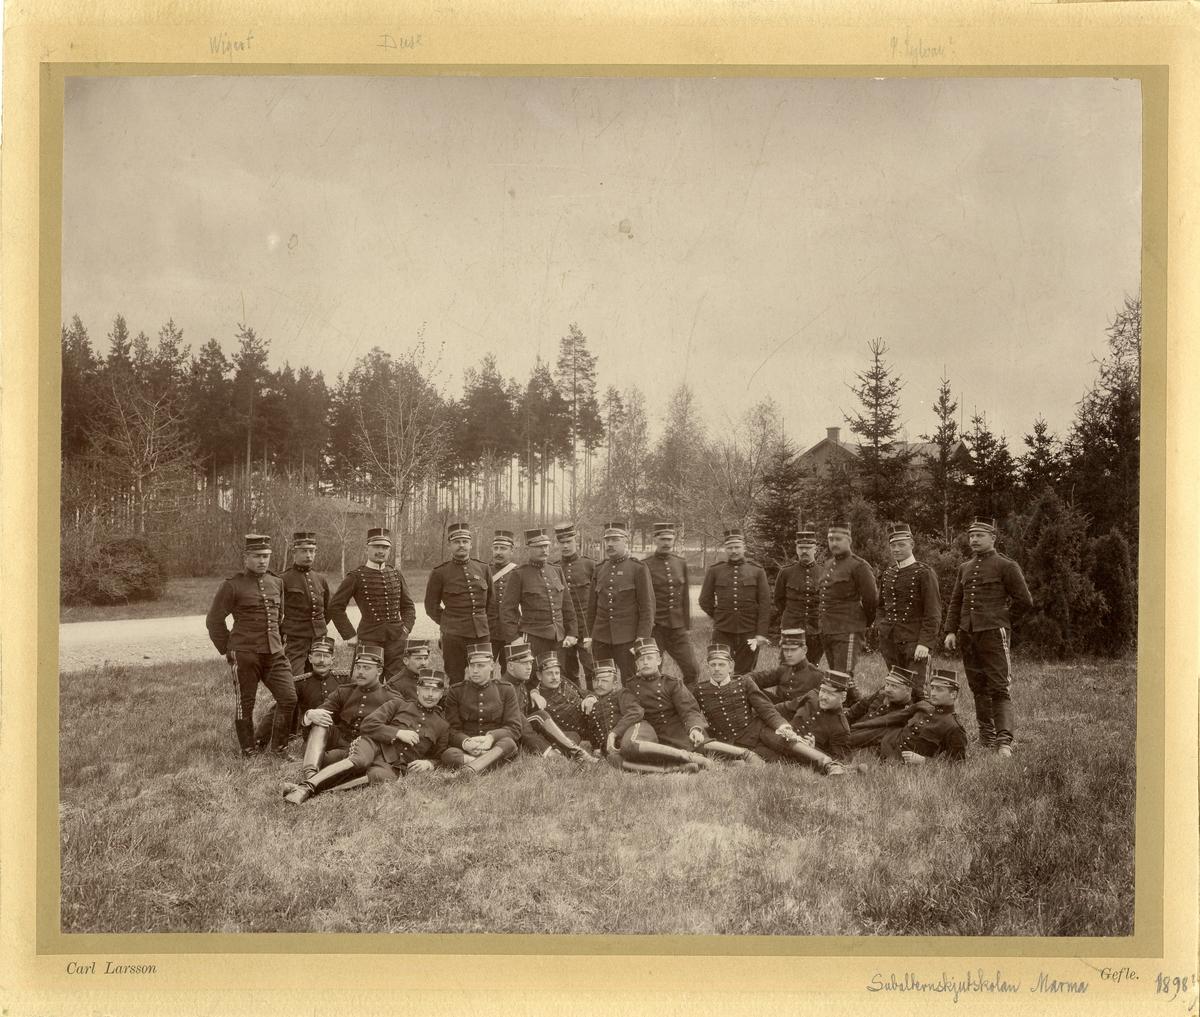 Grupporträtt av officerare vid Subalternskjutskolan på Marma skjutfält 1898.